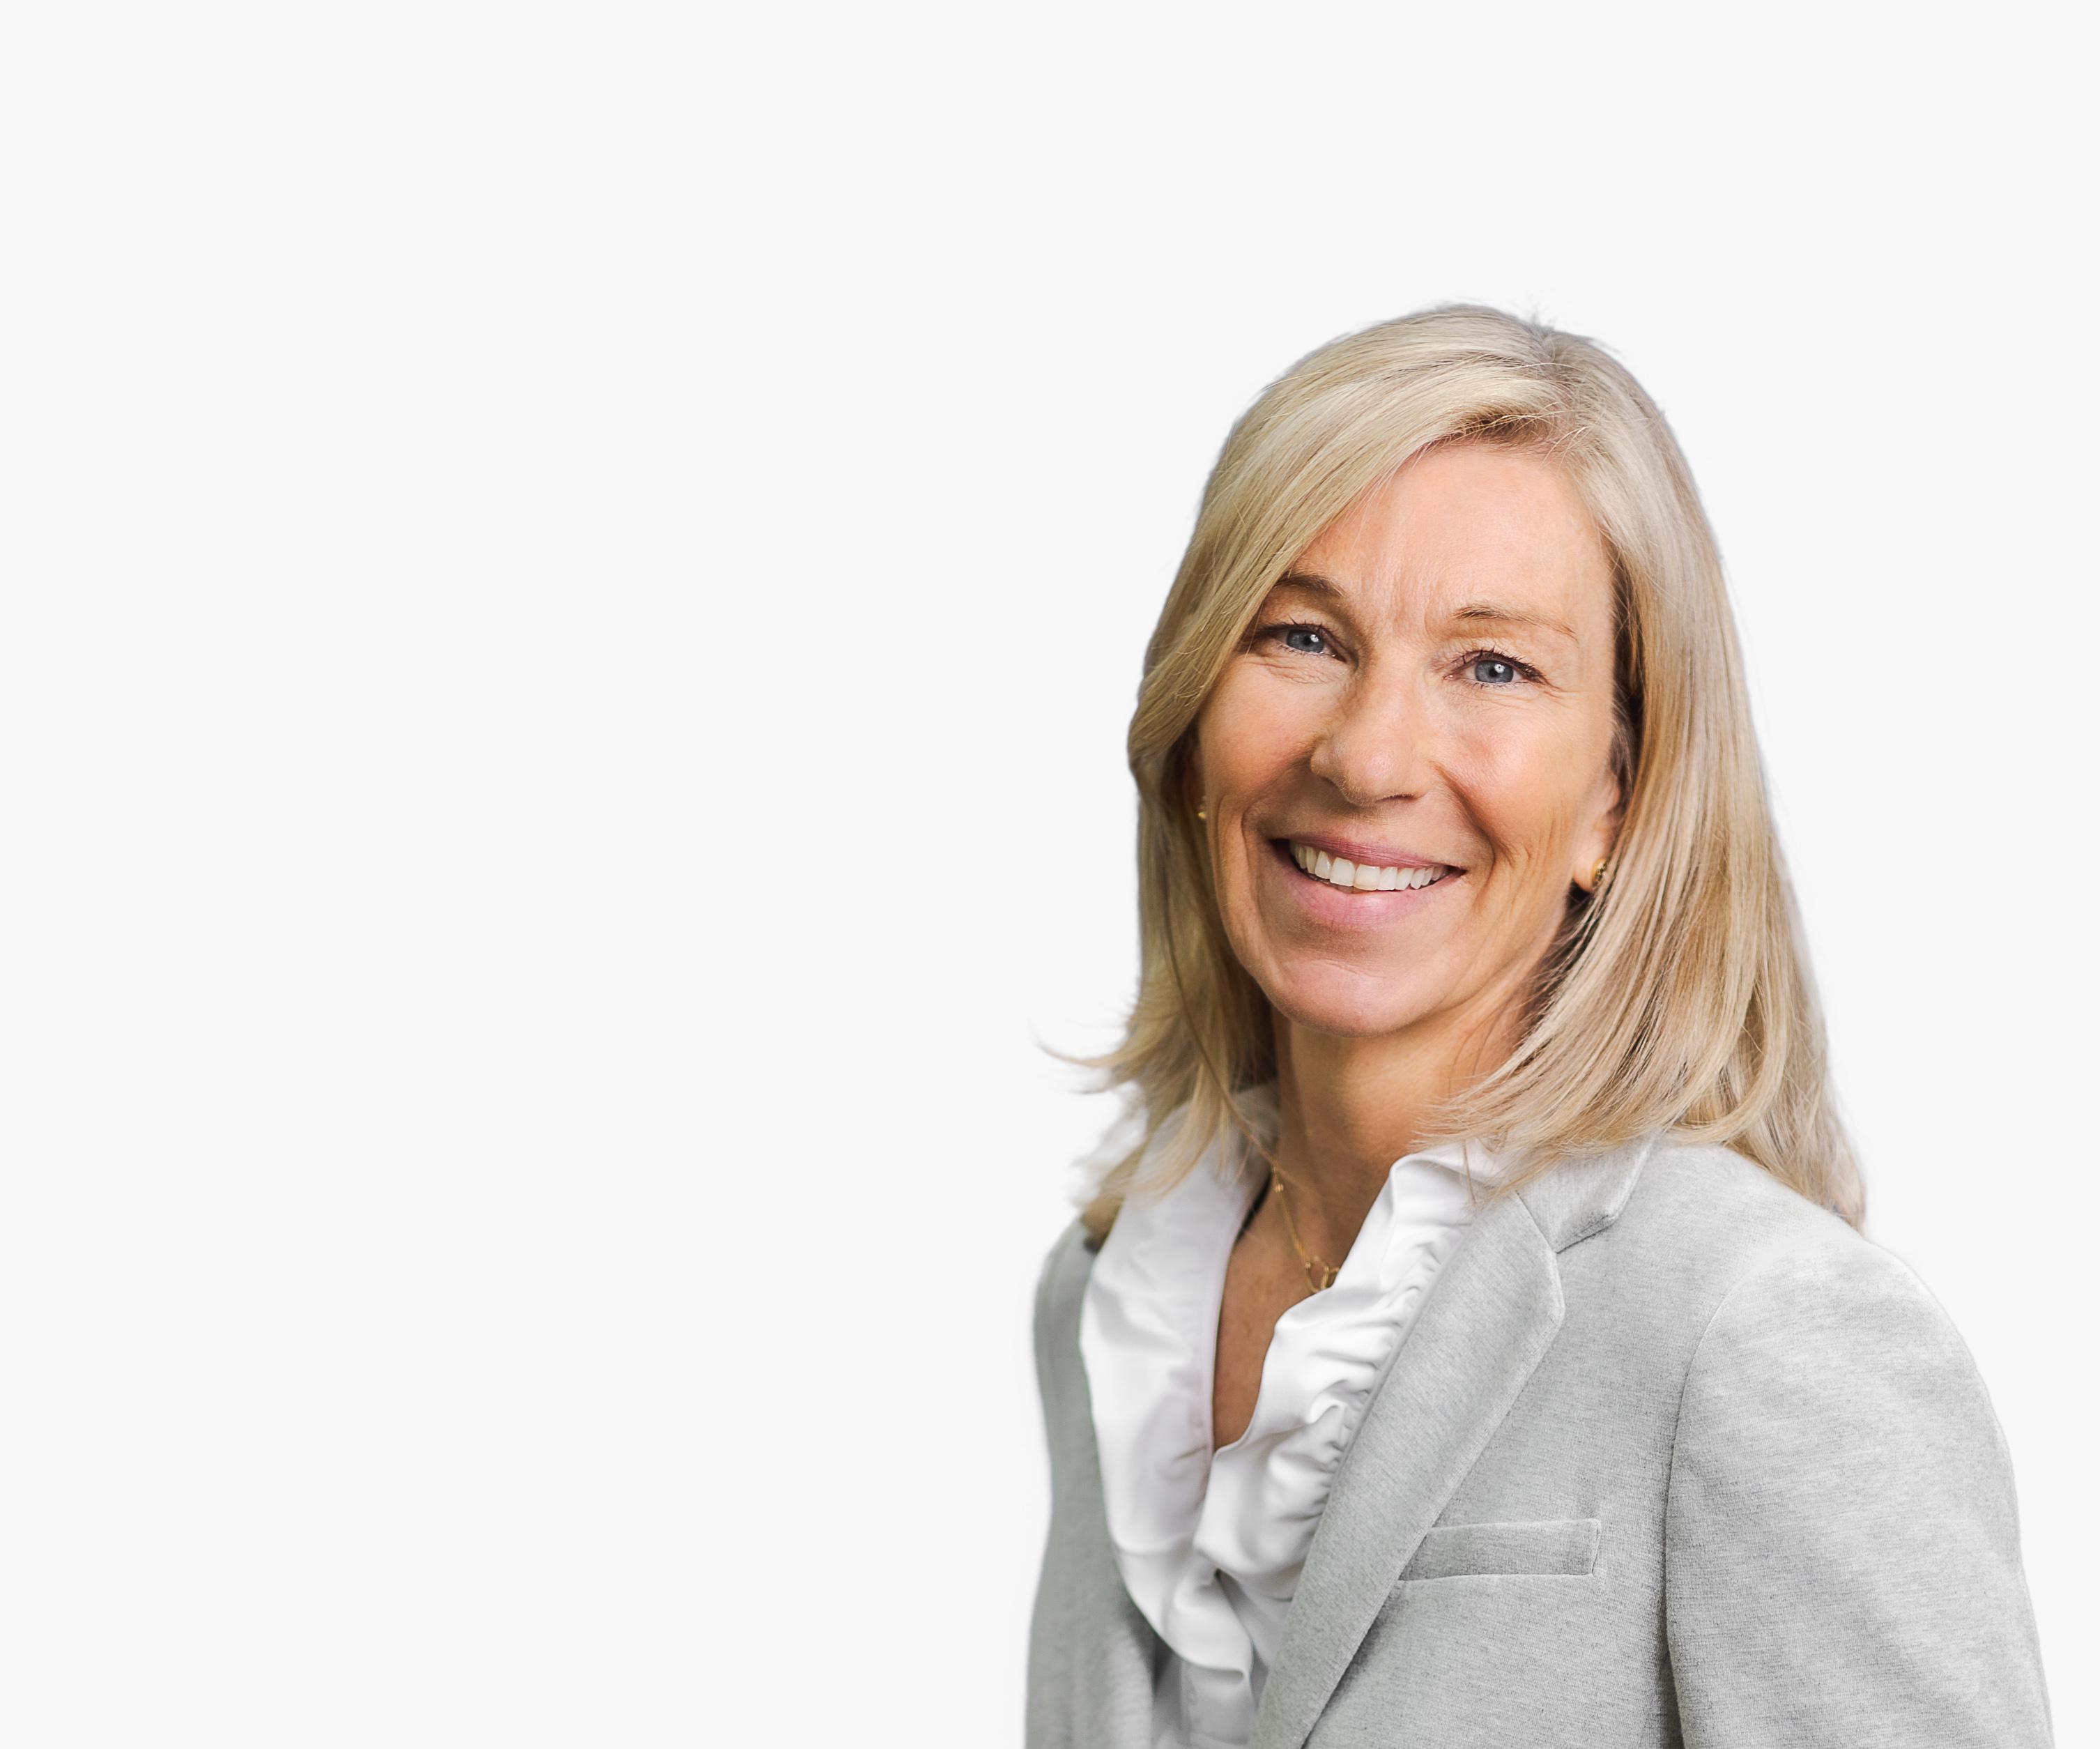 Lyn Dippel, JD, CFP®